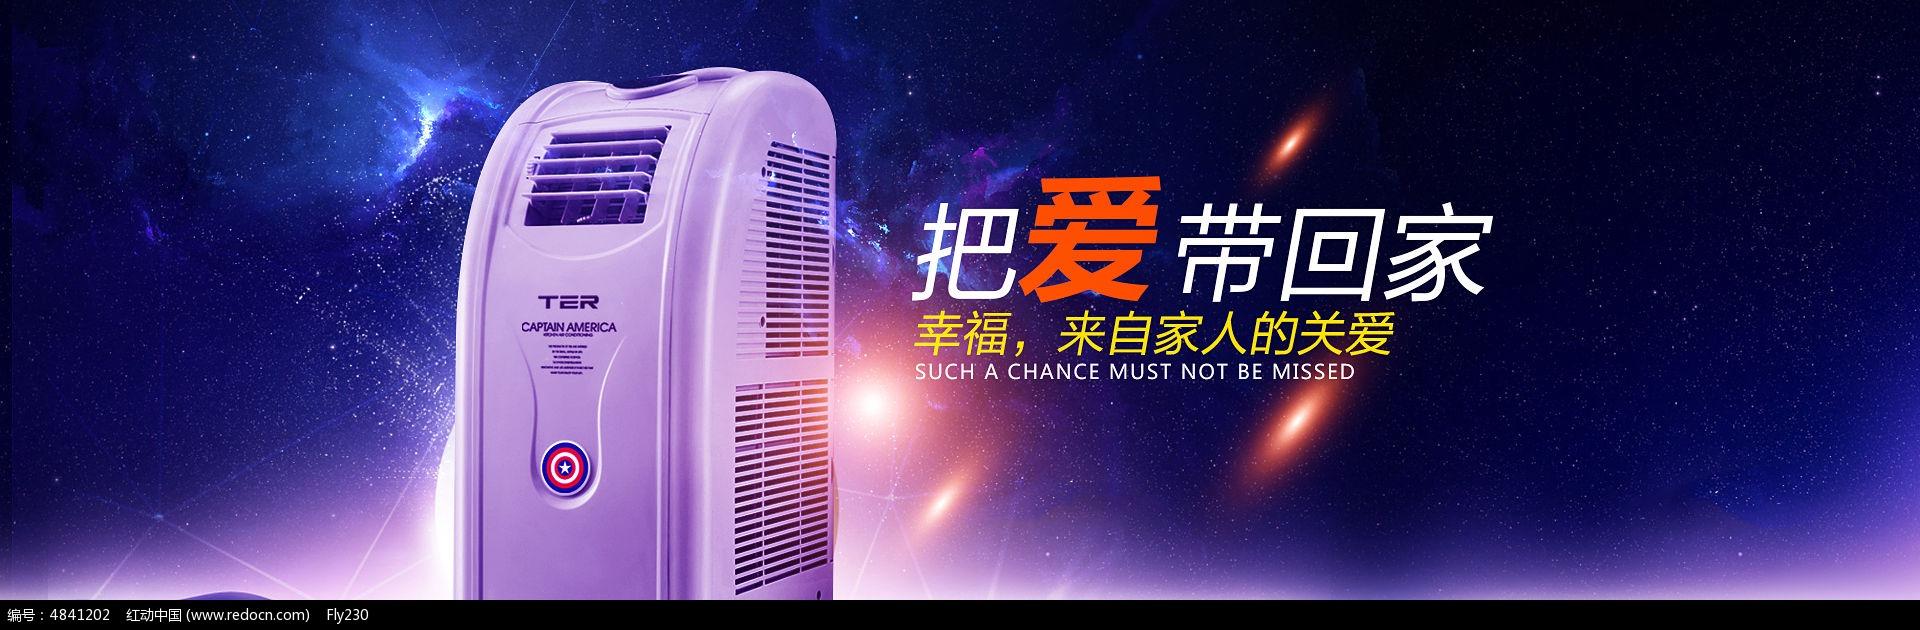 38淘宝天猫数码家电空调海报图片